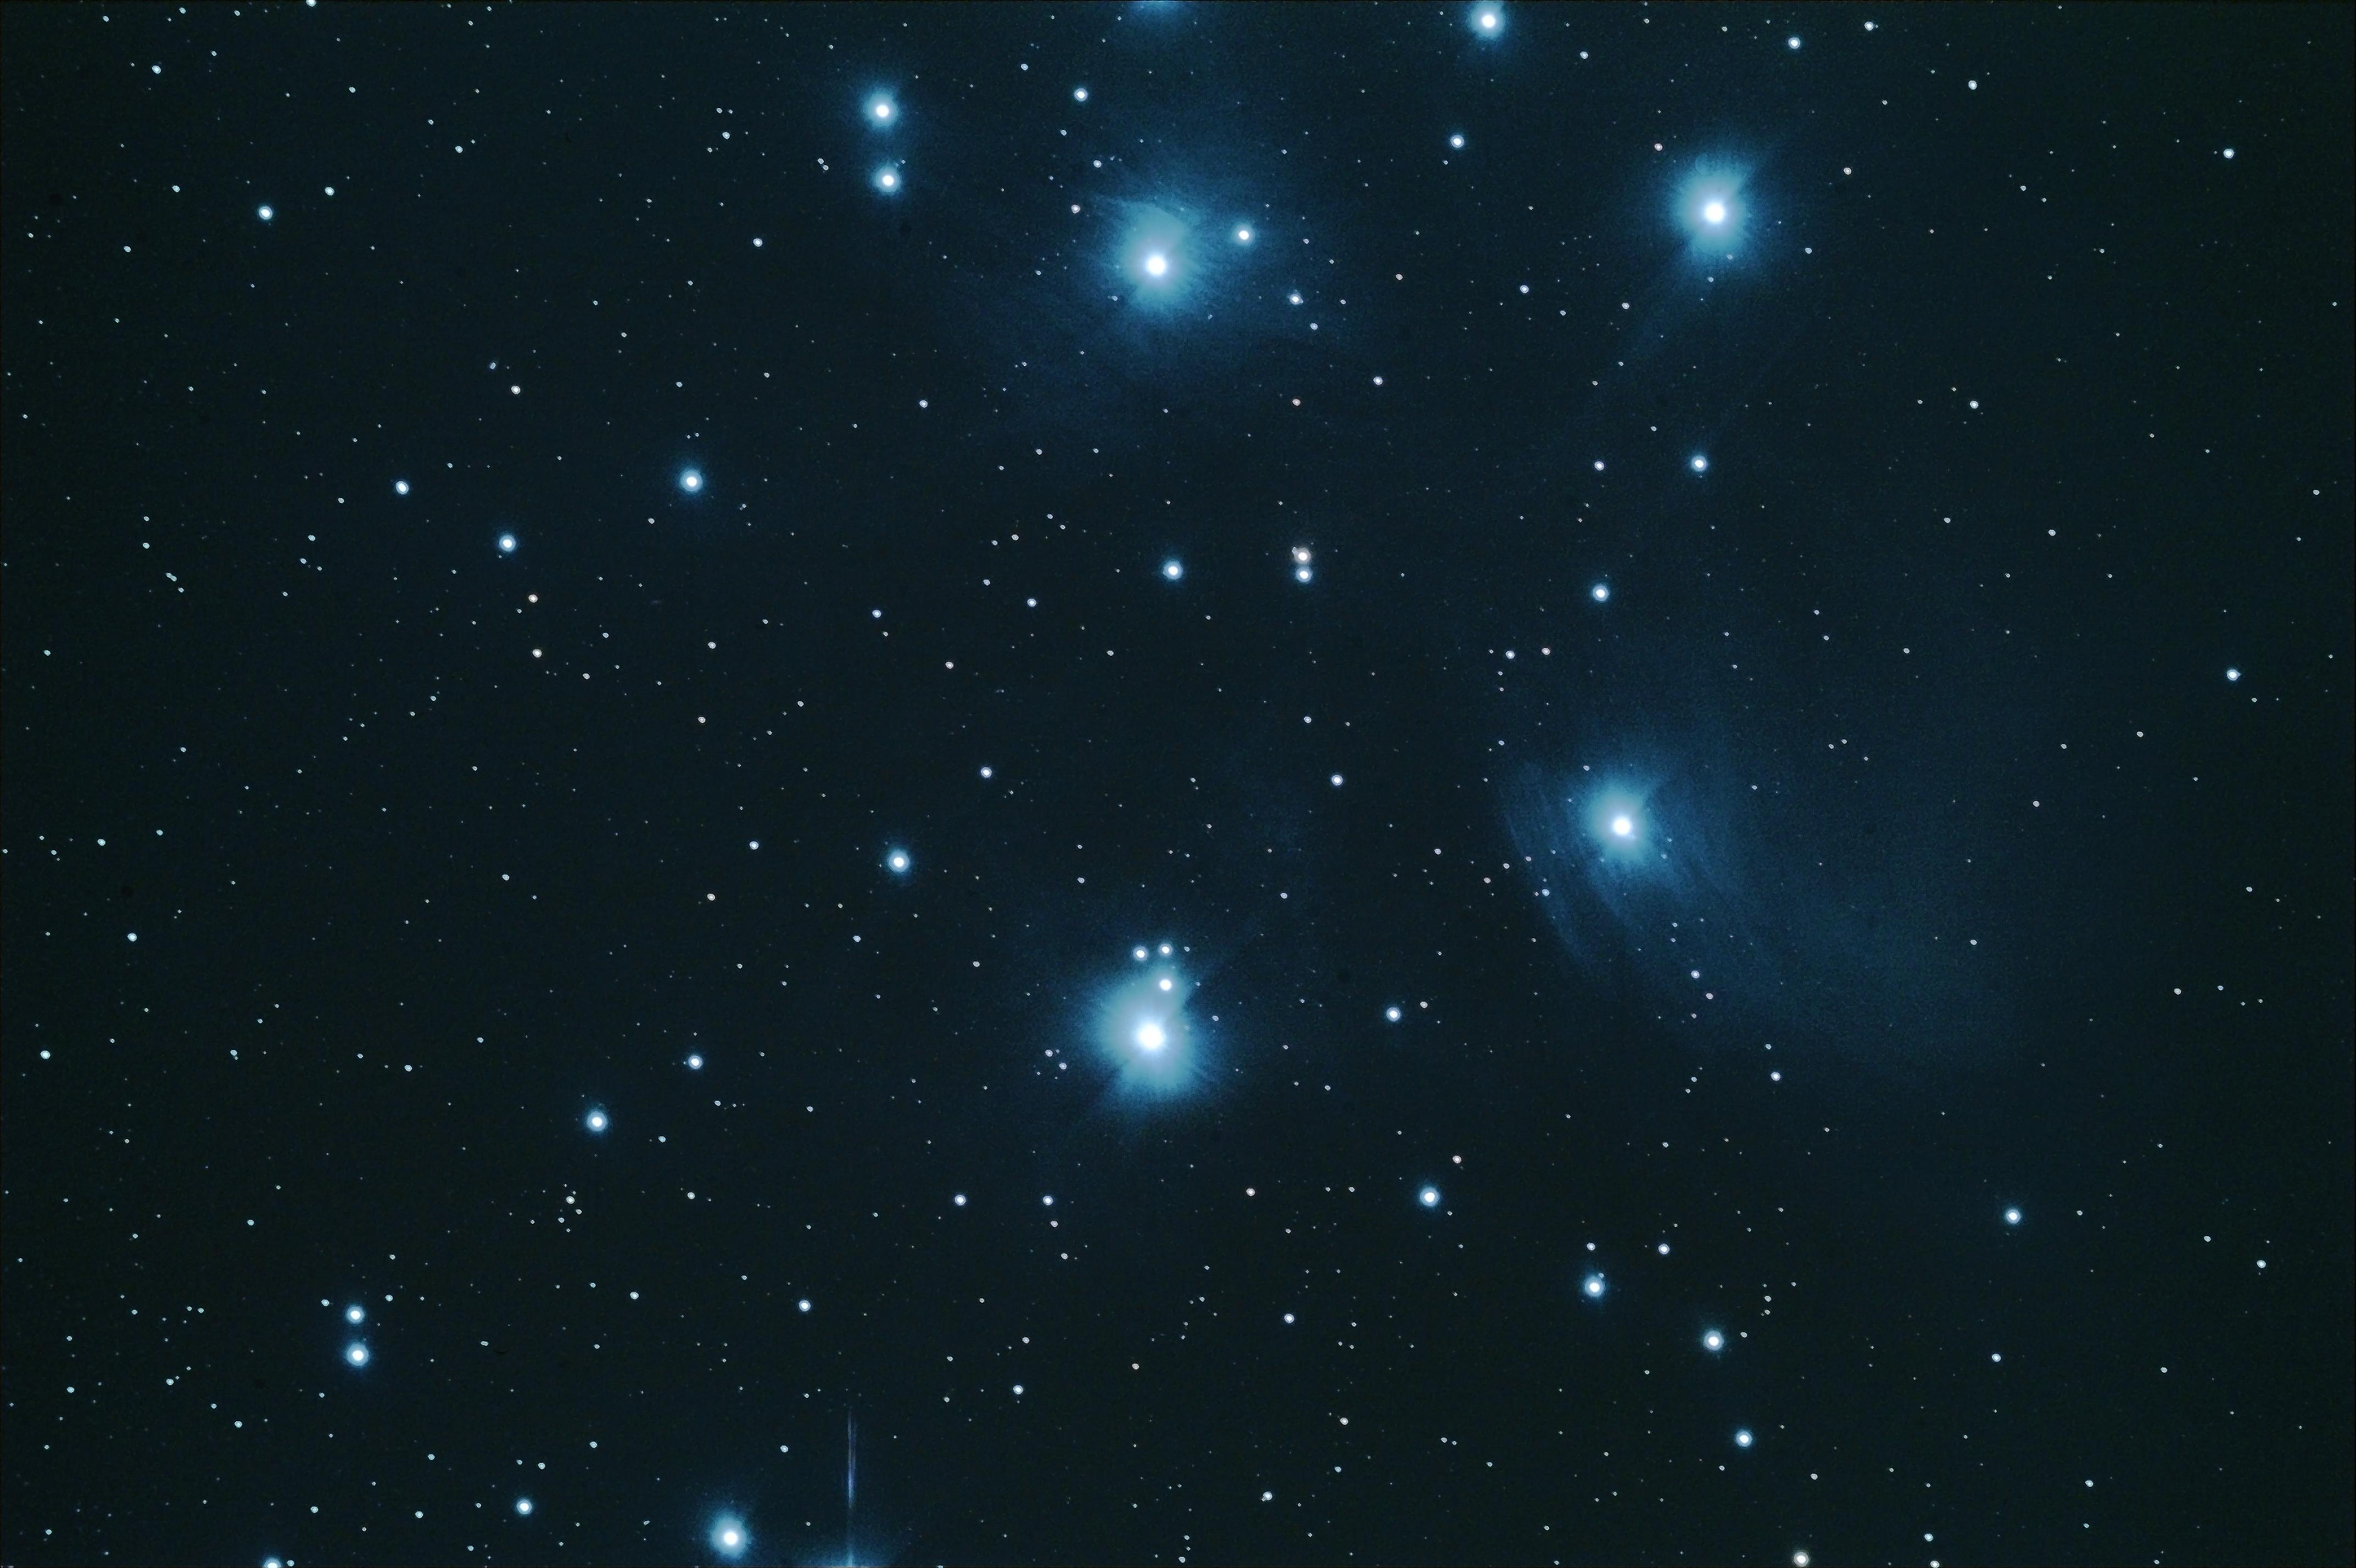 M45 tiff brut DSS CS2